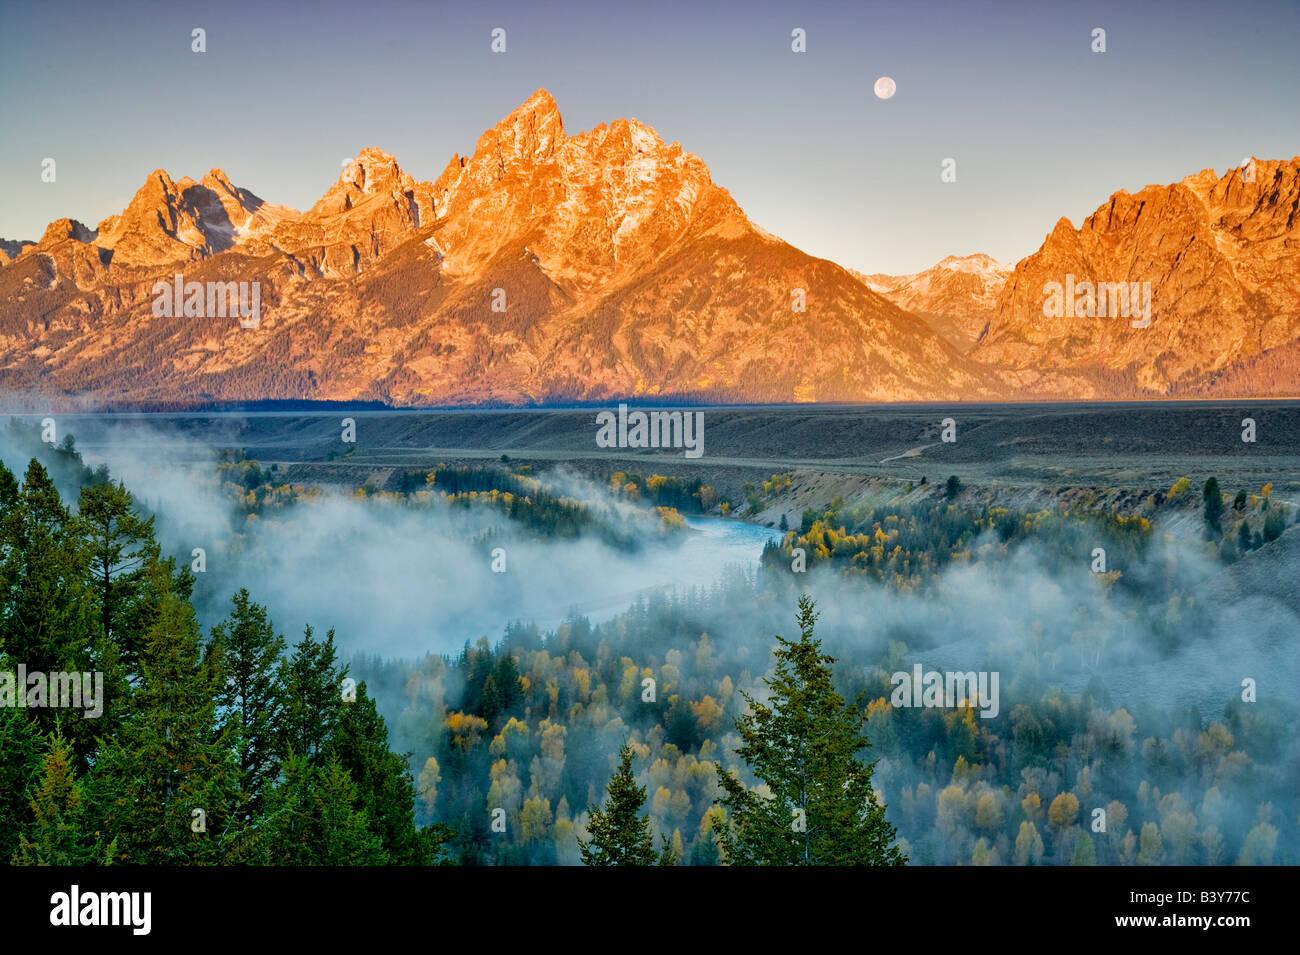 Piena sorgere della luna con nebbia caduta colore Snake River e Teton Mountains Grand Teton National Park WY Immagini Stock